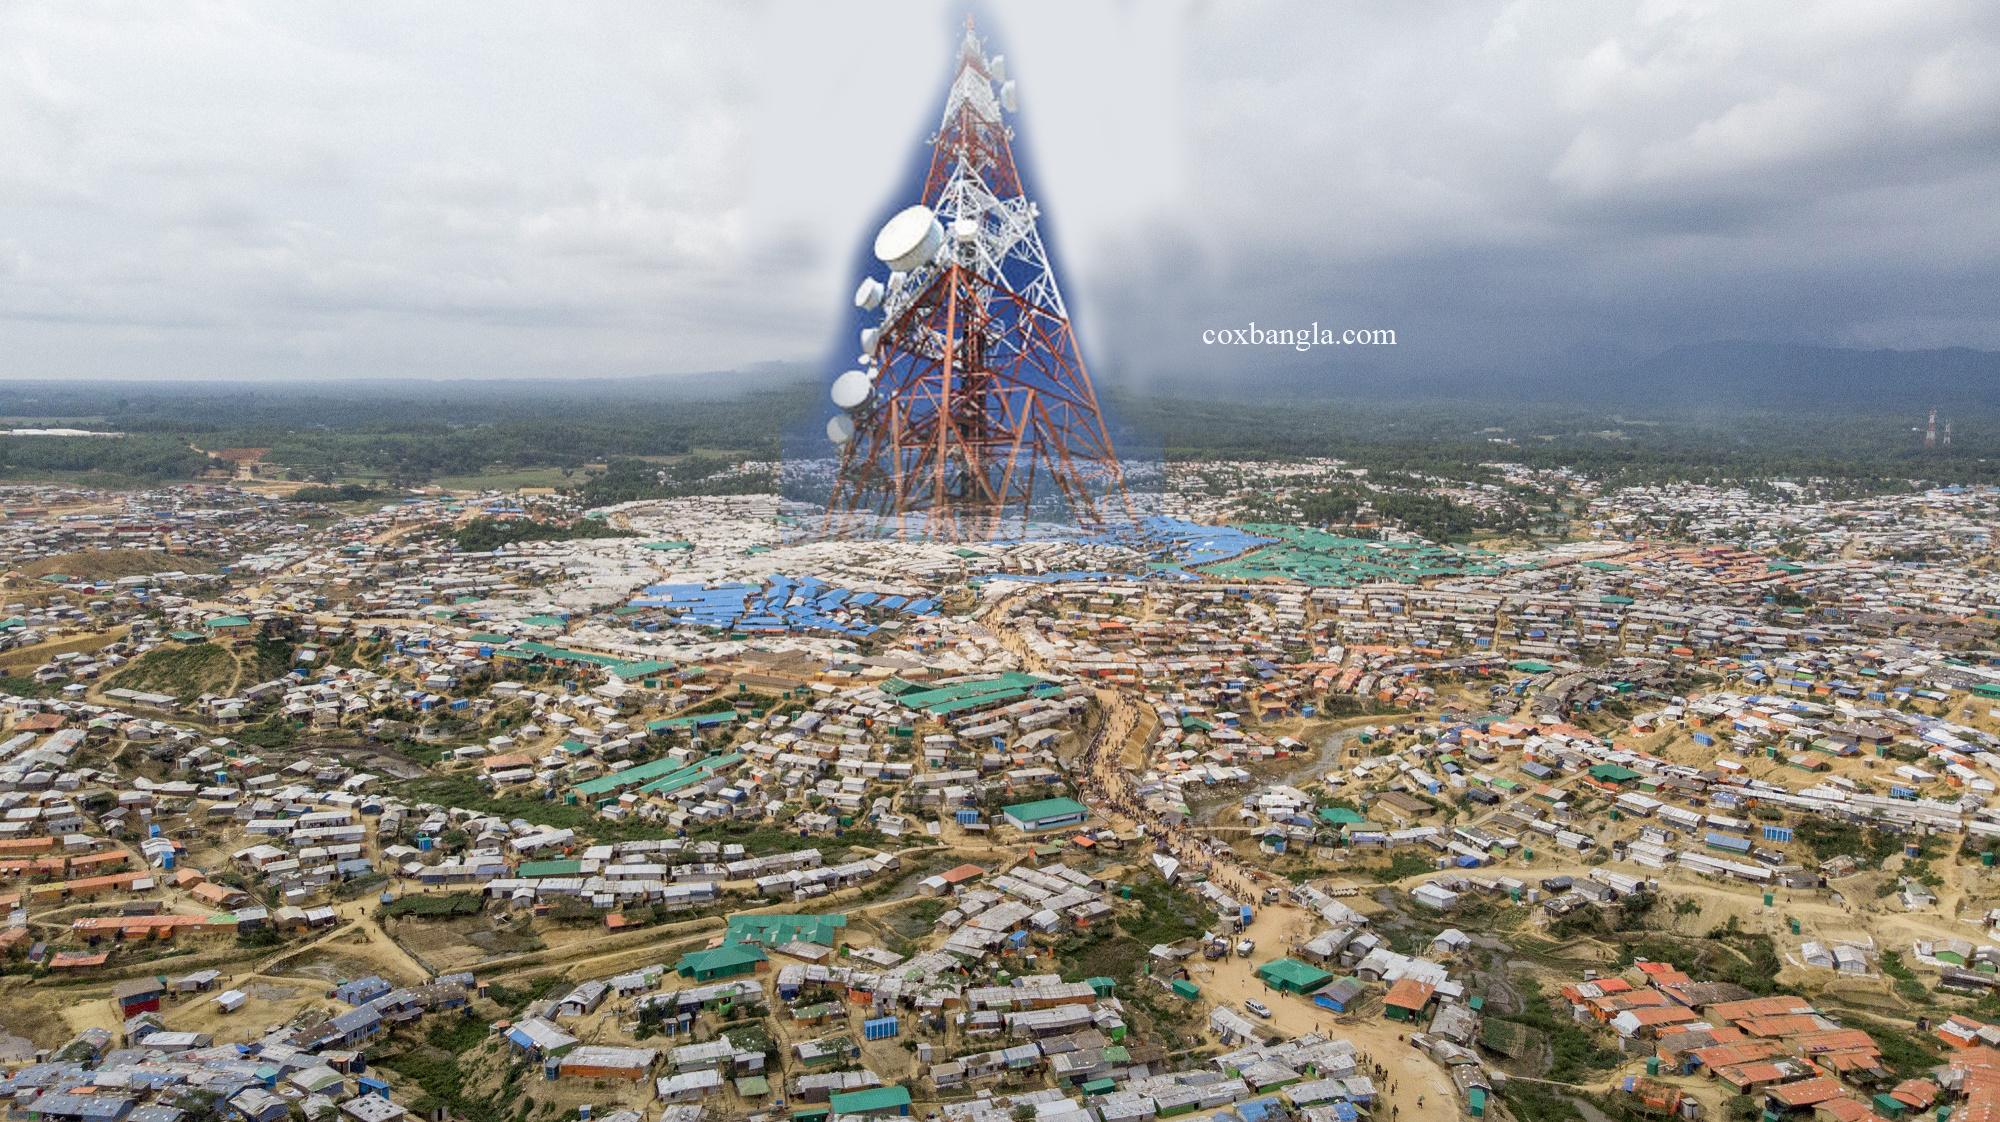 কক্সবাজার রোহিঙ্গা ক্যাম্পে ইয়াবা,মানবপাচার, হুন্ডির রমরমা ব্যবসা : চলছে অস্ত্র মজুদ প্রতিযোগিতা